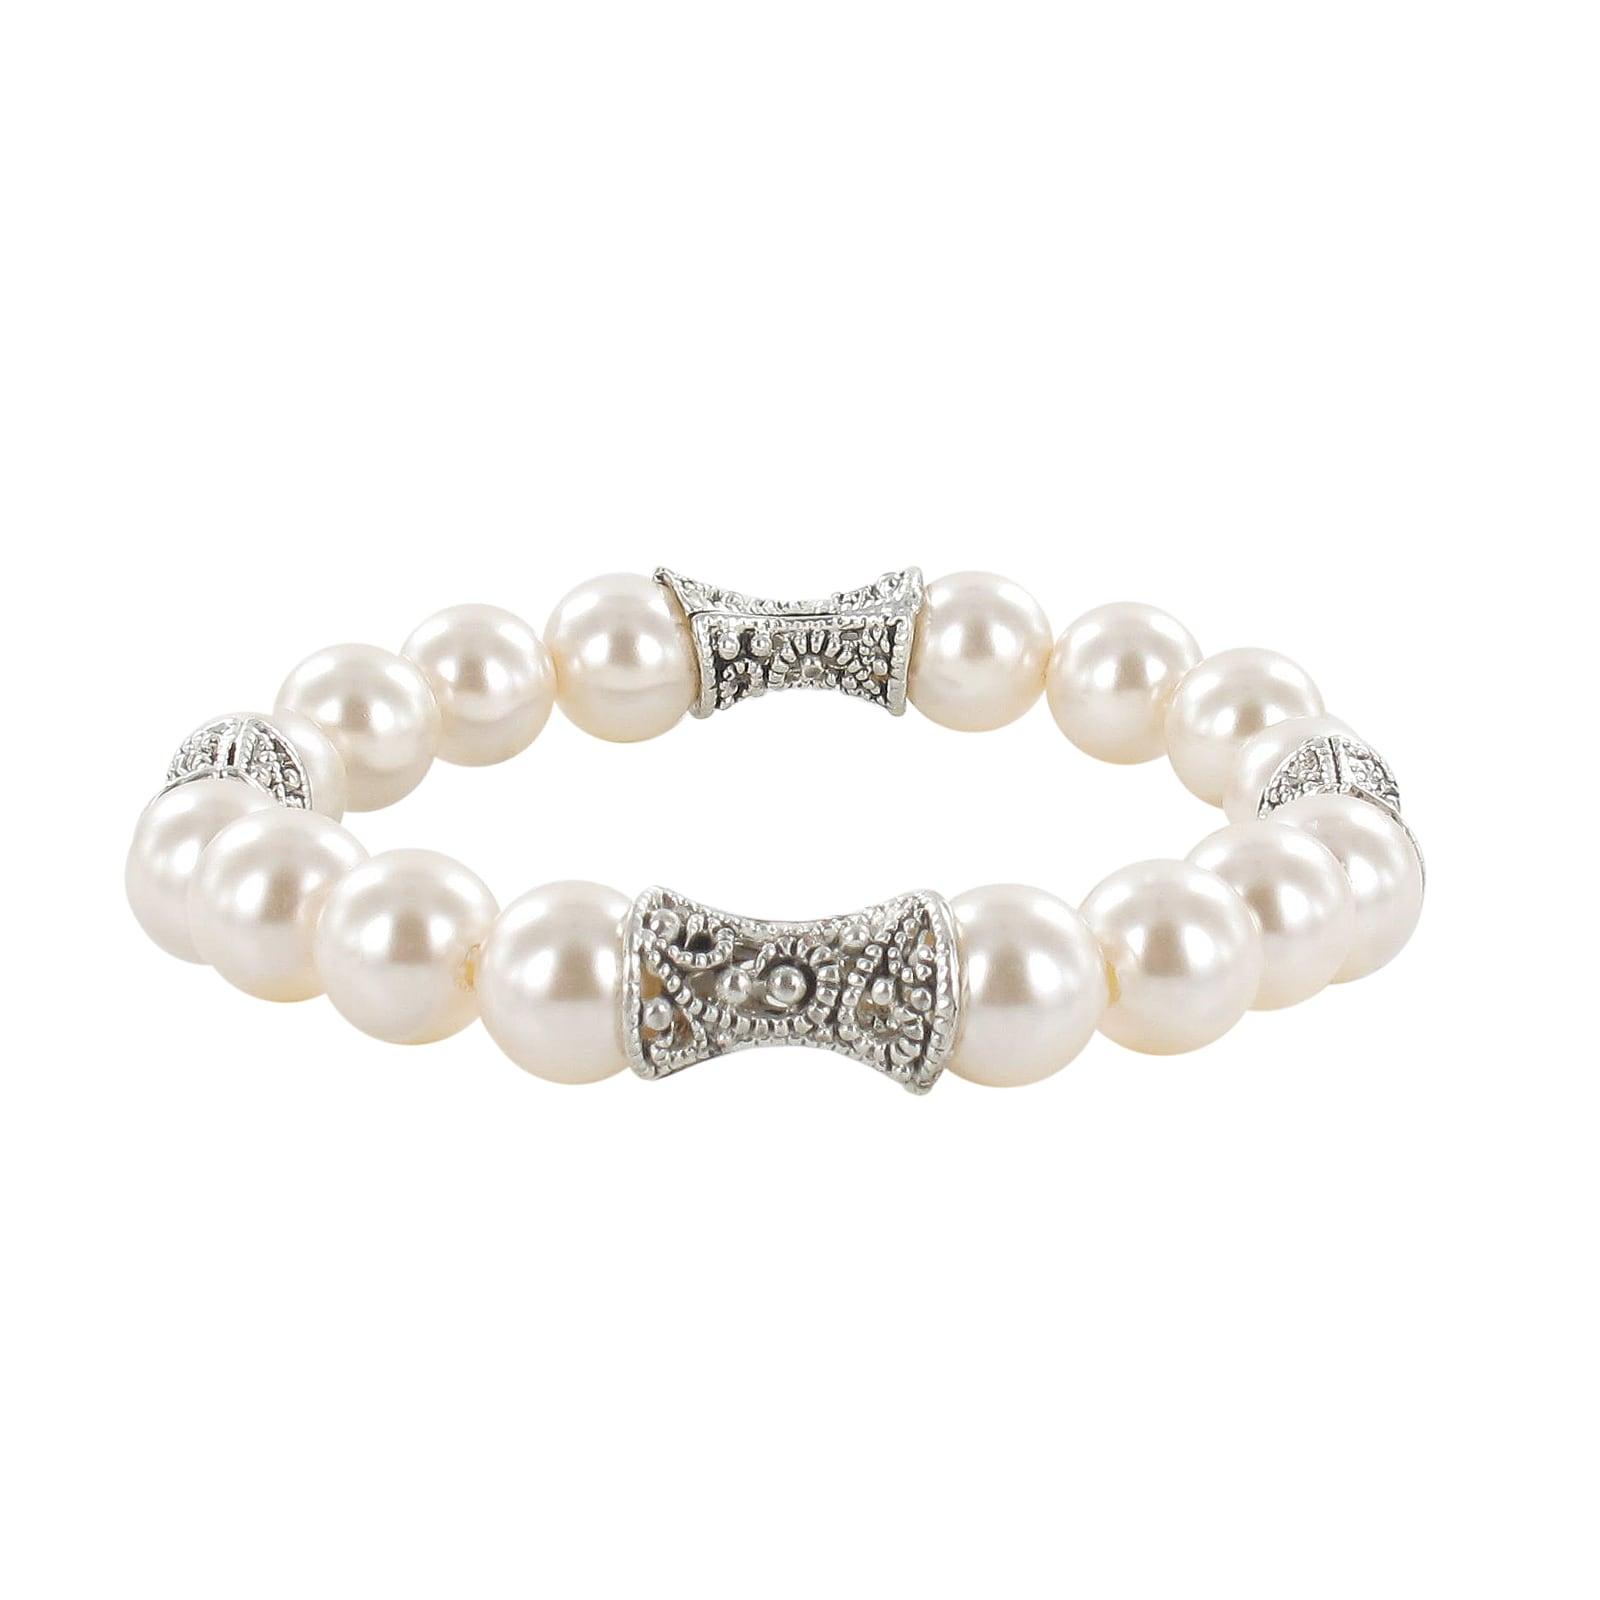 Roman Silvertone Faux Pearl Artisan Bali Antiqued Bead Stretch Bracelet